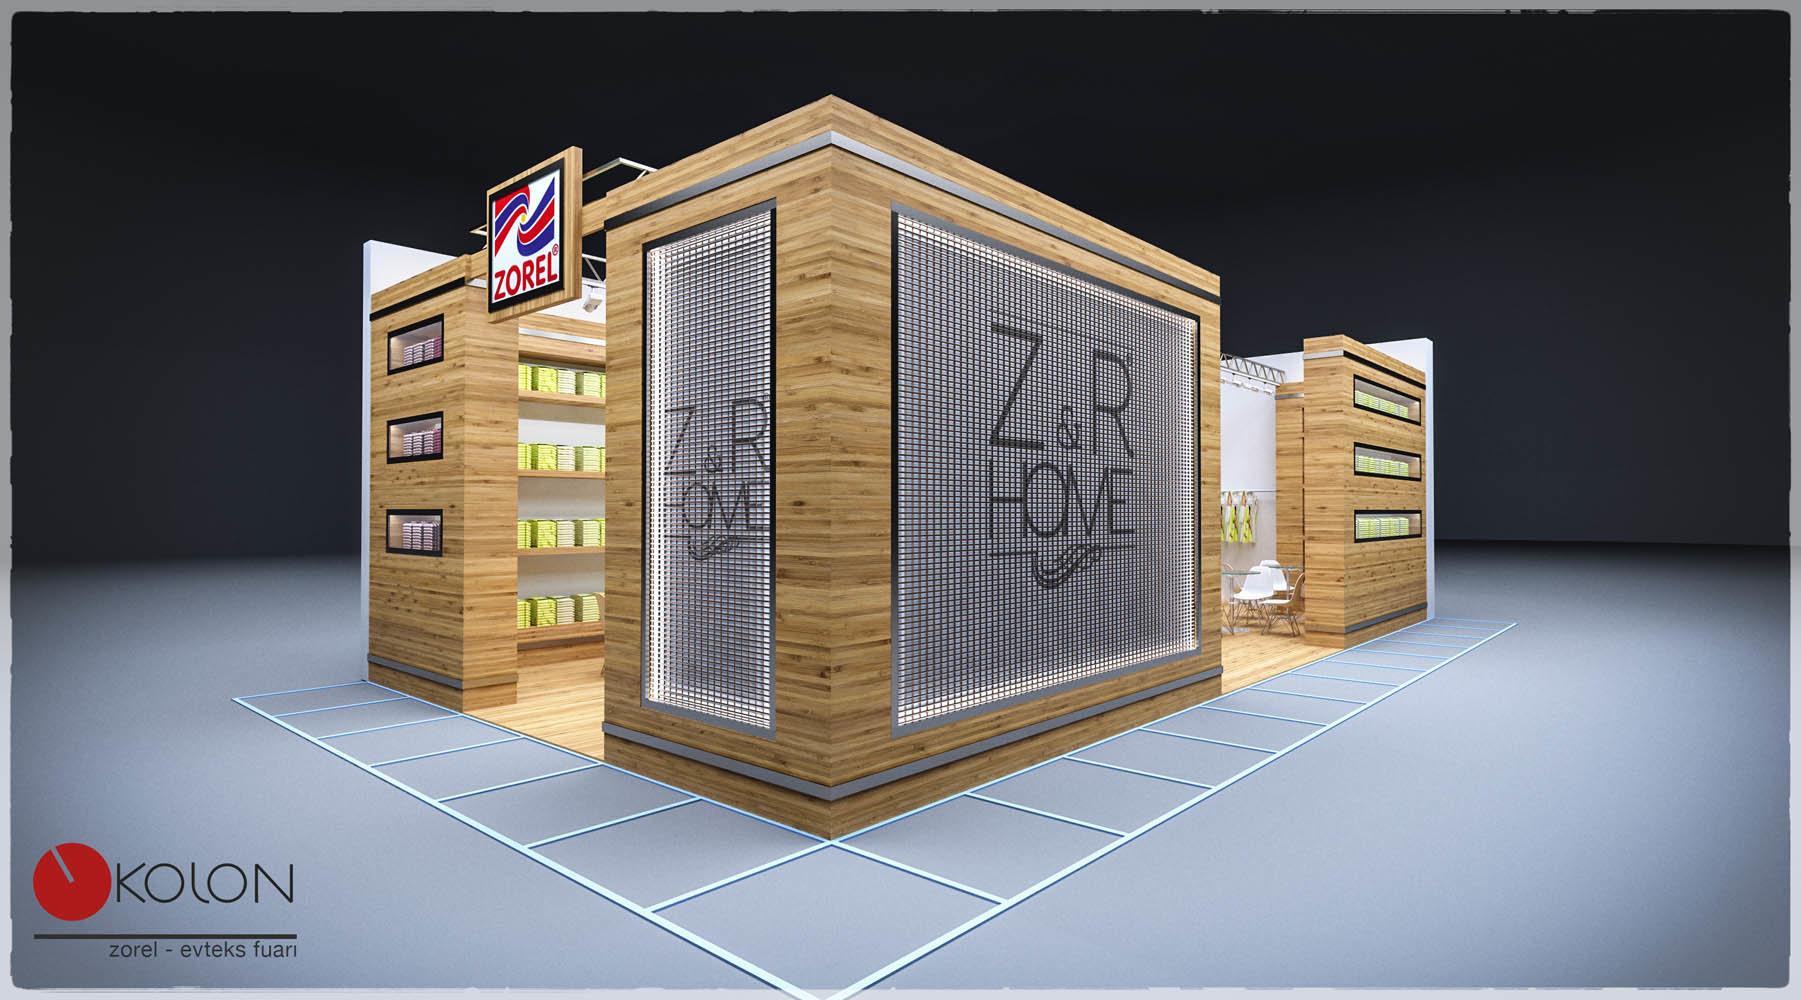 kolon,kolon mimarlık,kolon içmimarlık,tasarım,proje,uygulama,ürün tasarımı,interior design zorel, design, fuar standı, stand, fuar standı tasarımı